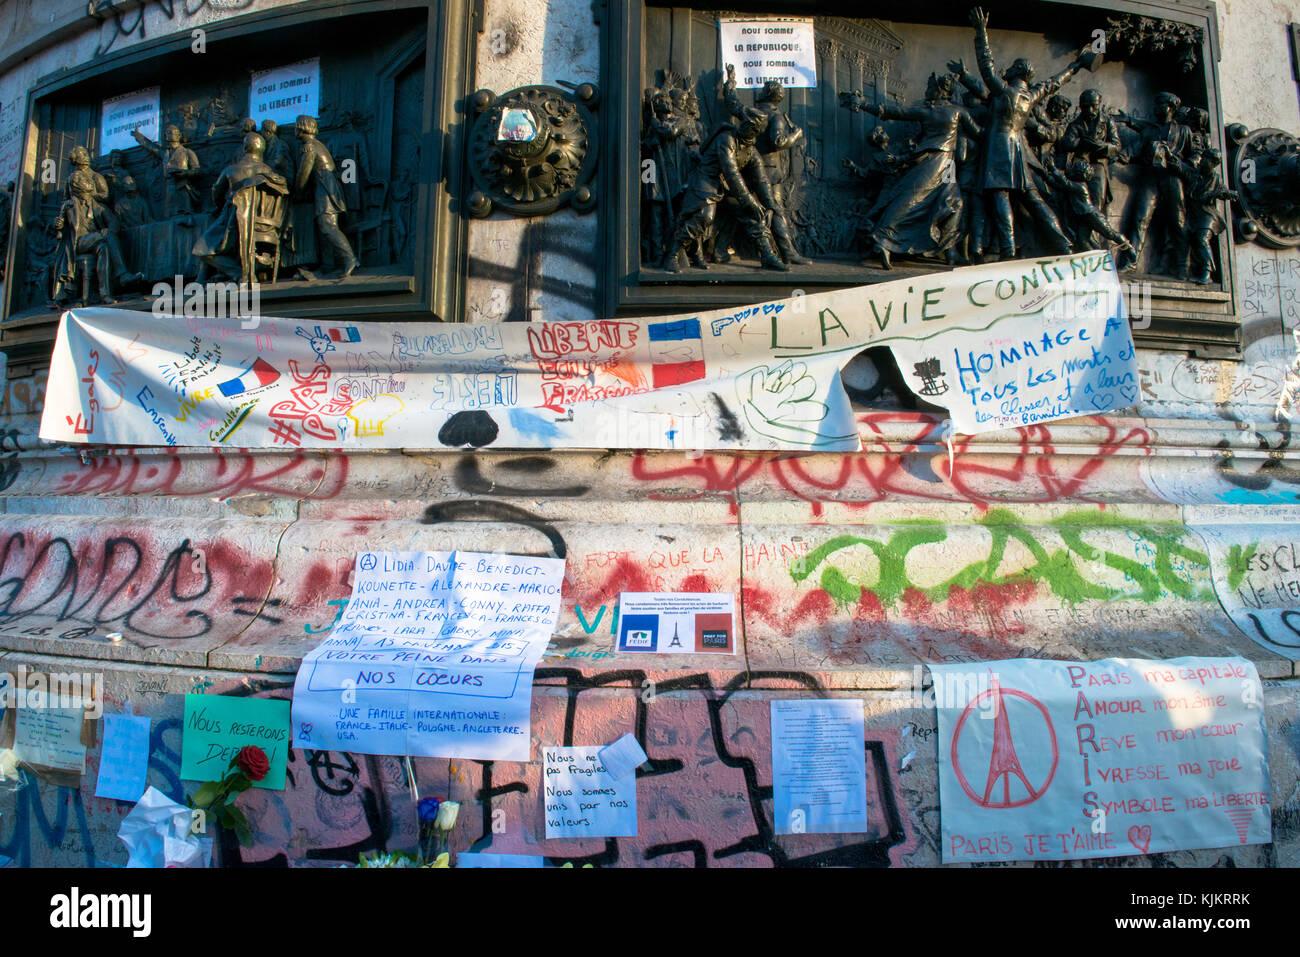 Rassemblement au pied de la statue de la RŽépublique après les attentats du 13.11.2015. France. France. Stock Photo